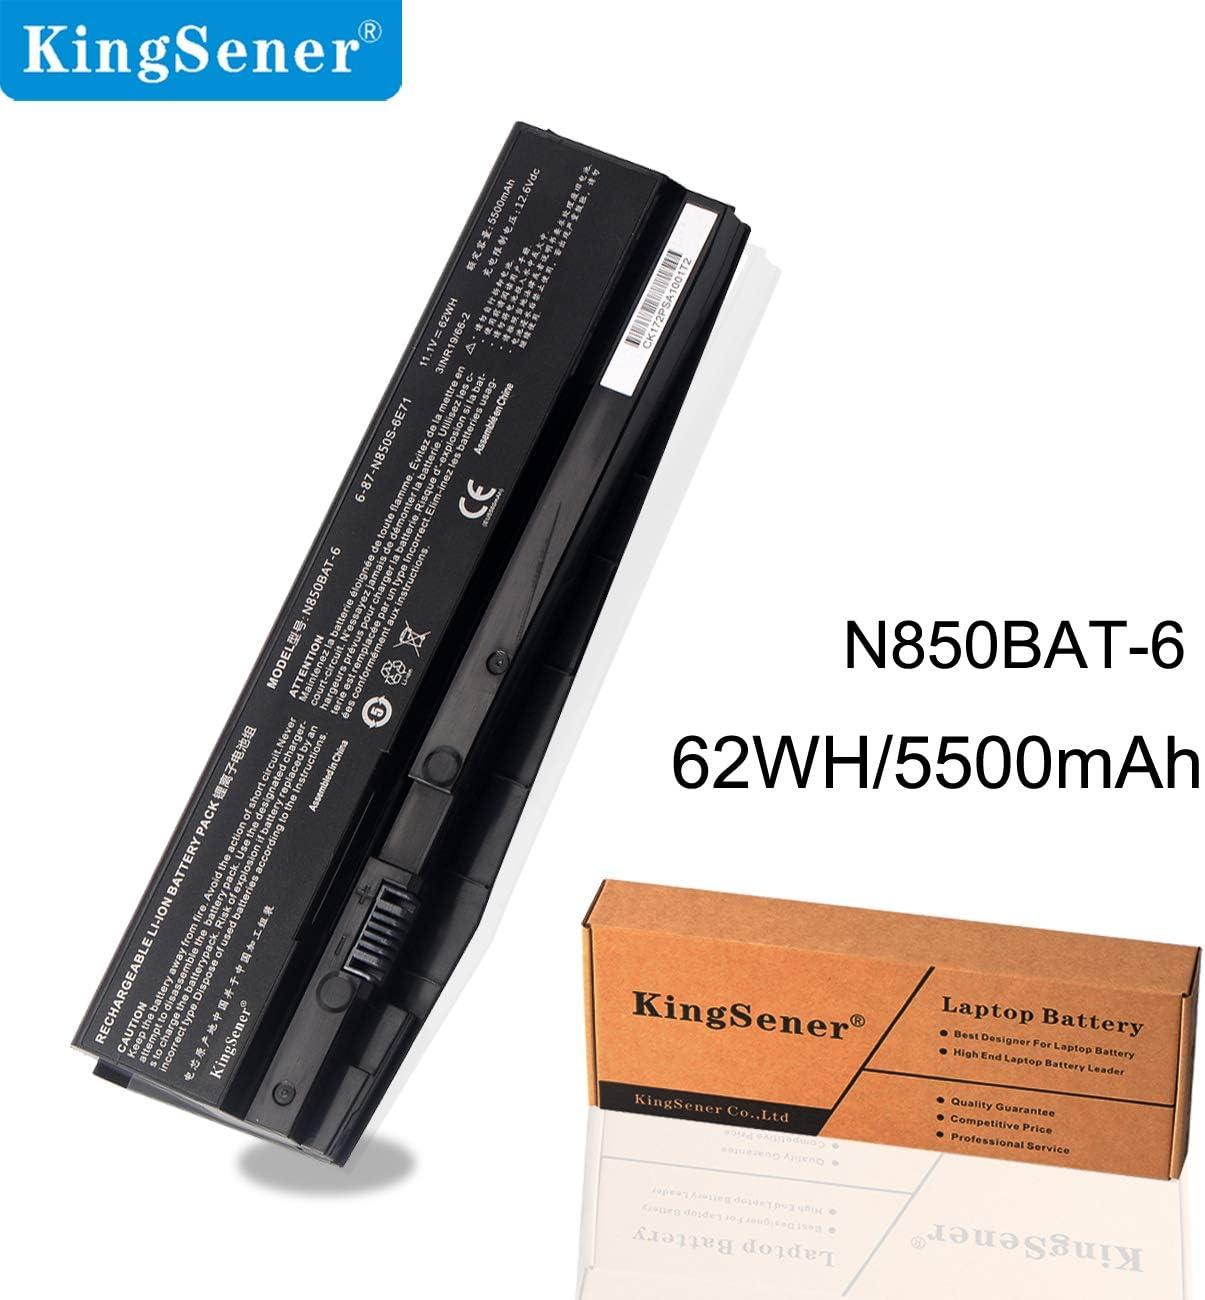 Kingsener 11.1V 62WH/5500mAh N850BAT-6 Laptop Battery for Clevo N850 N850HC N850HJ N870HC N870HJ1 N870HK1 N850HJ1 N850HK1 N850HN